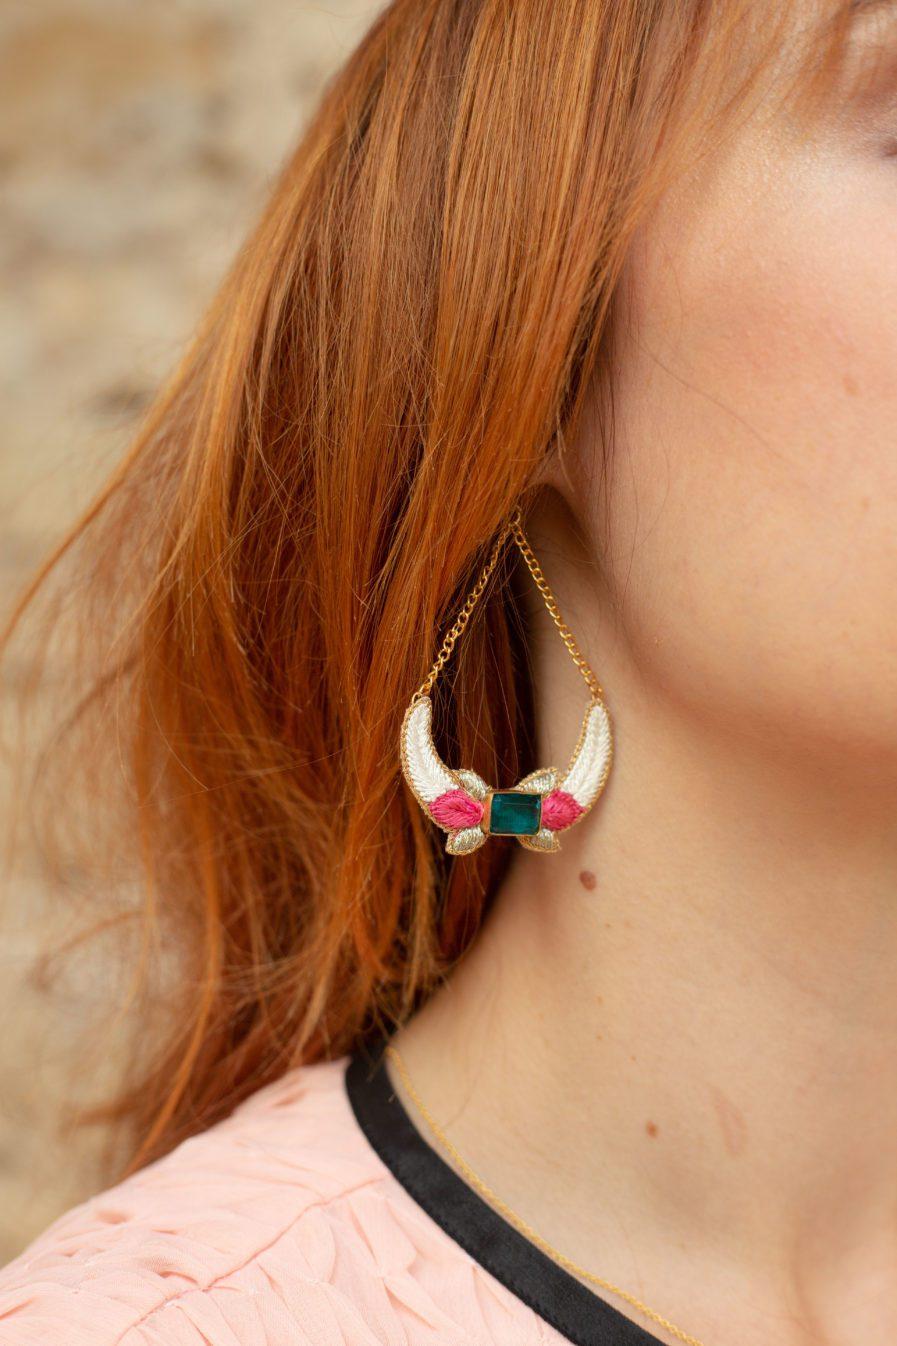 Boucles d'oreilles chic Presly | Peach